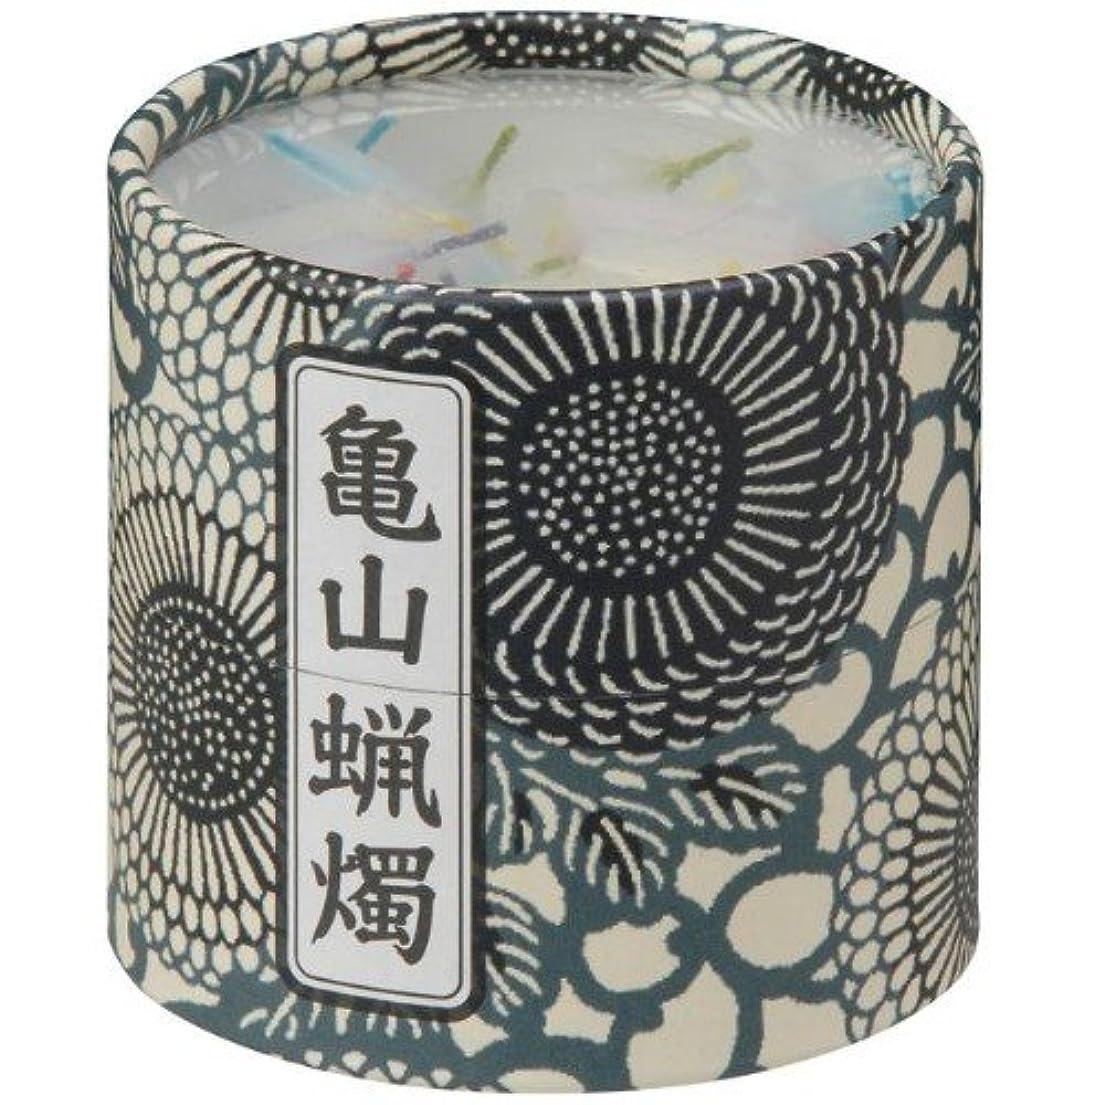 見分ける遅い熟練した亀山五色蝋燭(小) 約130本入り